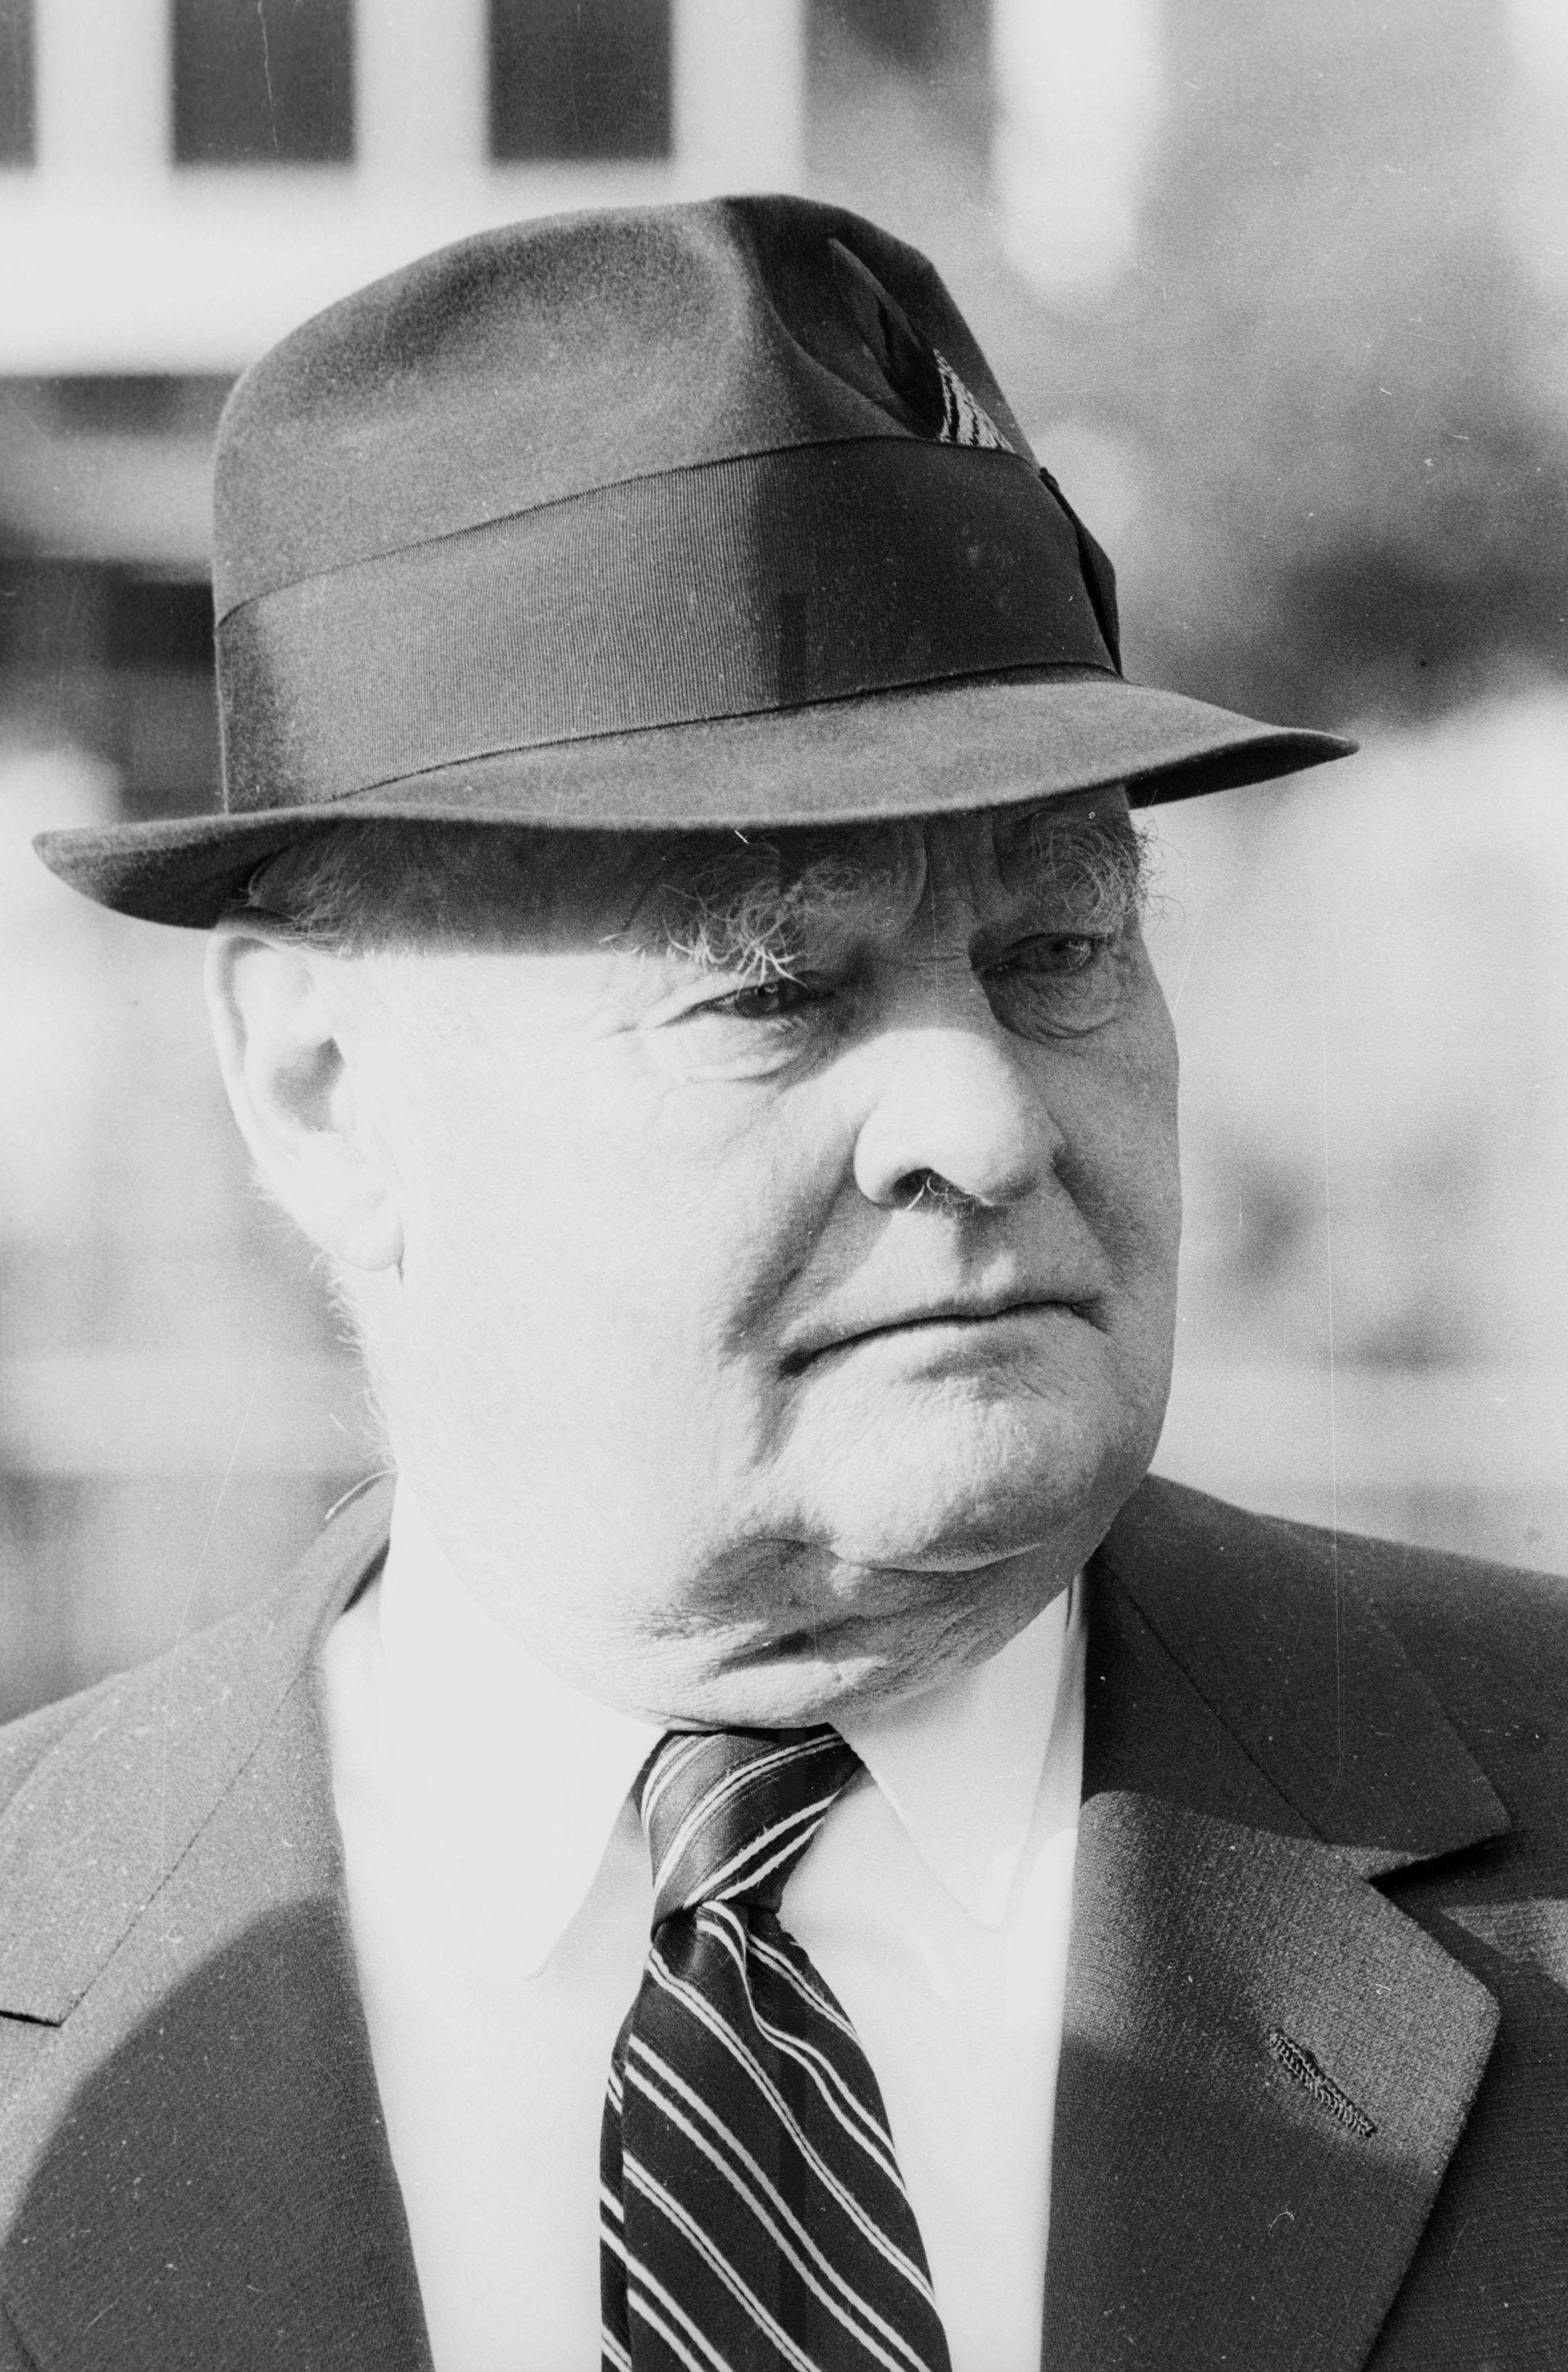 Ogden Phipps (NYRA)